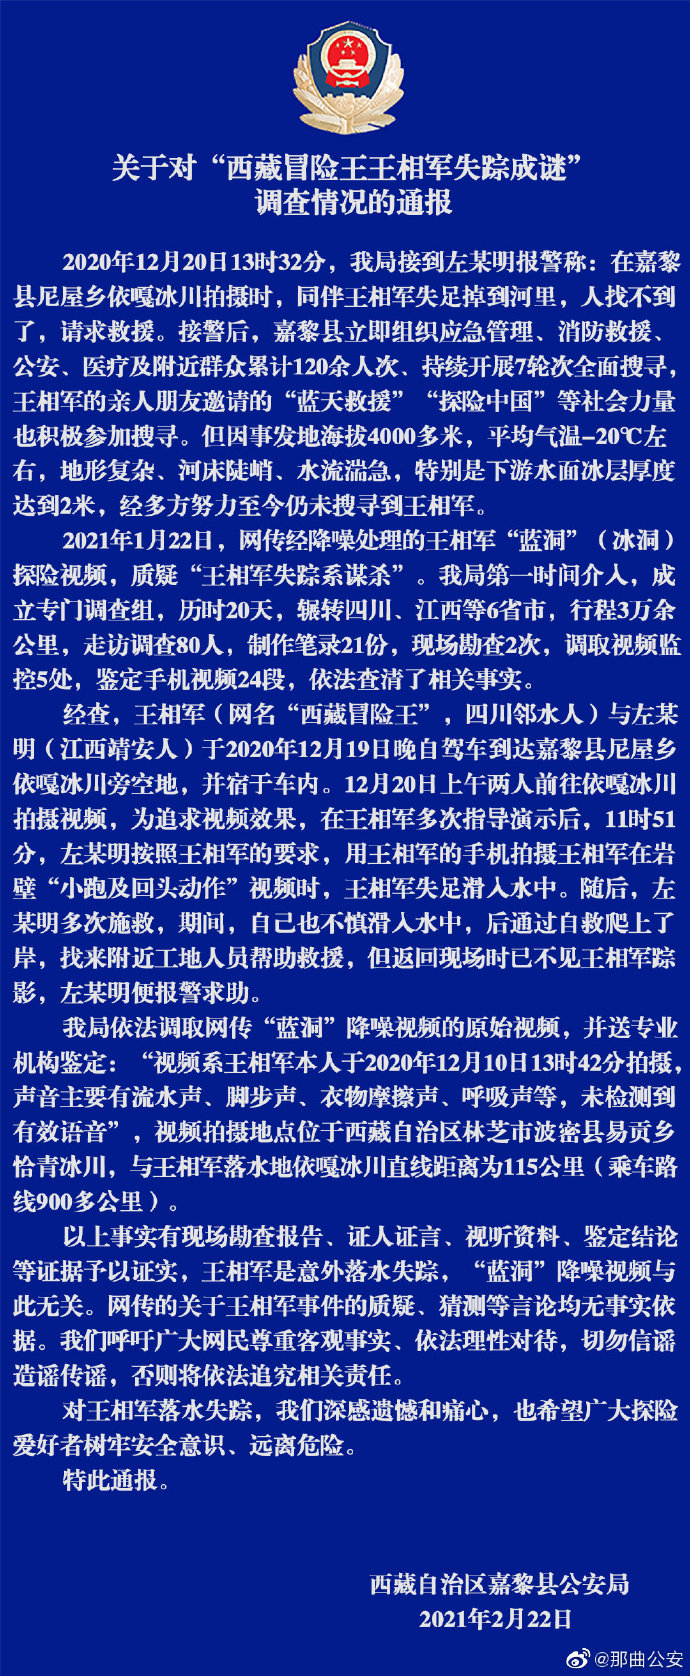 """那曲公安通报""""西藏冒险王失踪成谜""""调查:是意外落水失踪"""